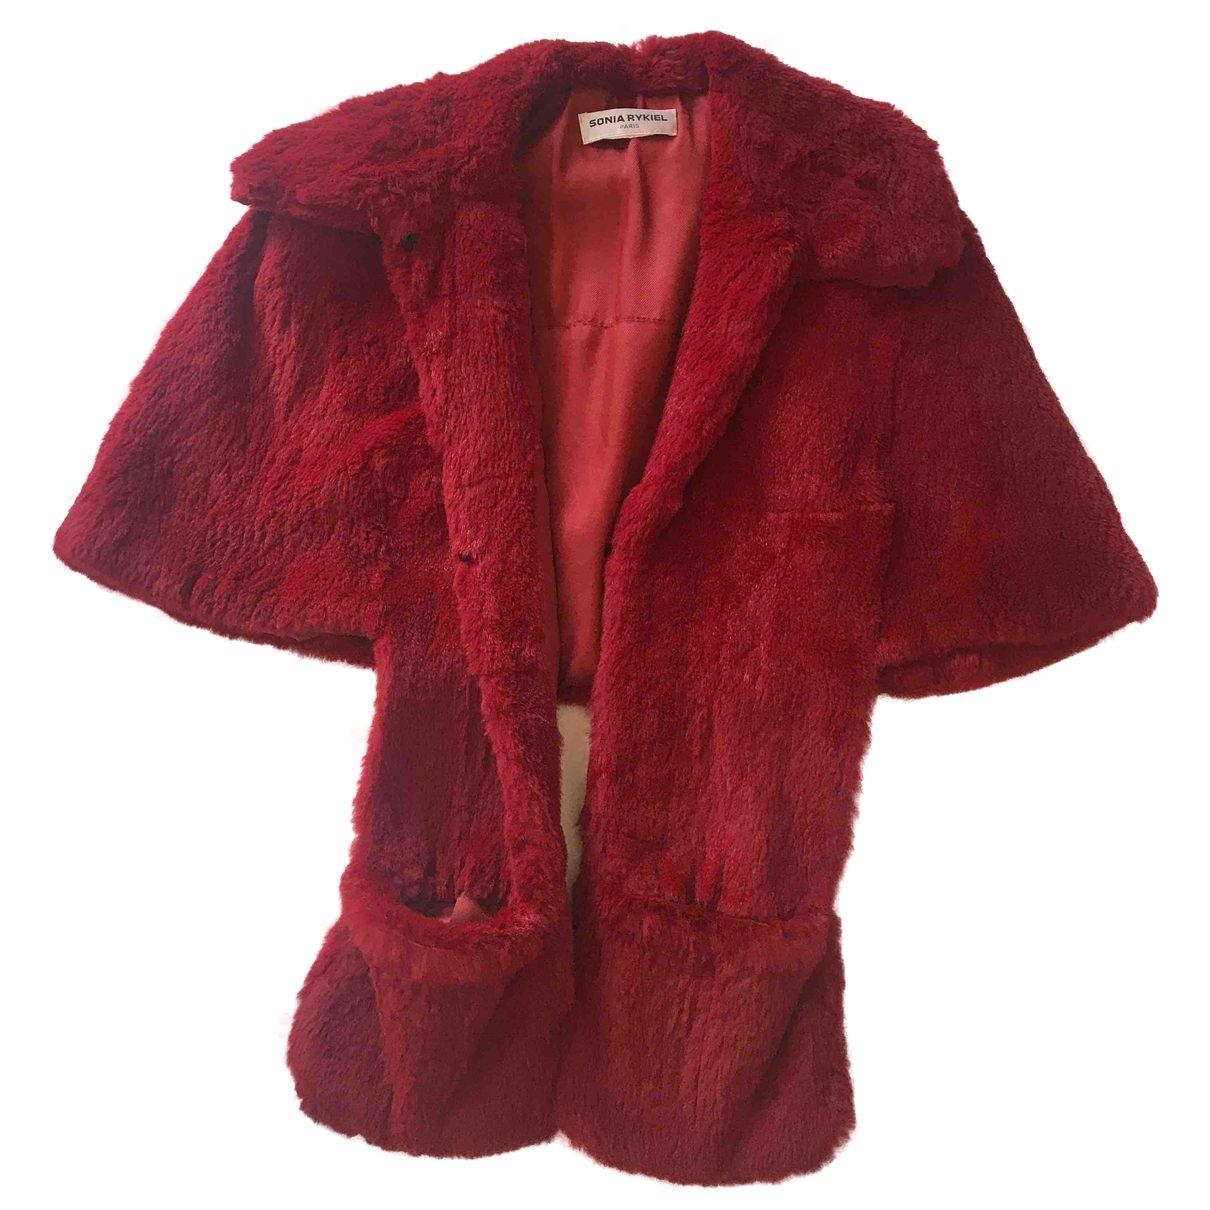 Sonia Rykiel - Manteau   pour femme en lapin - rouge